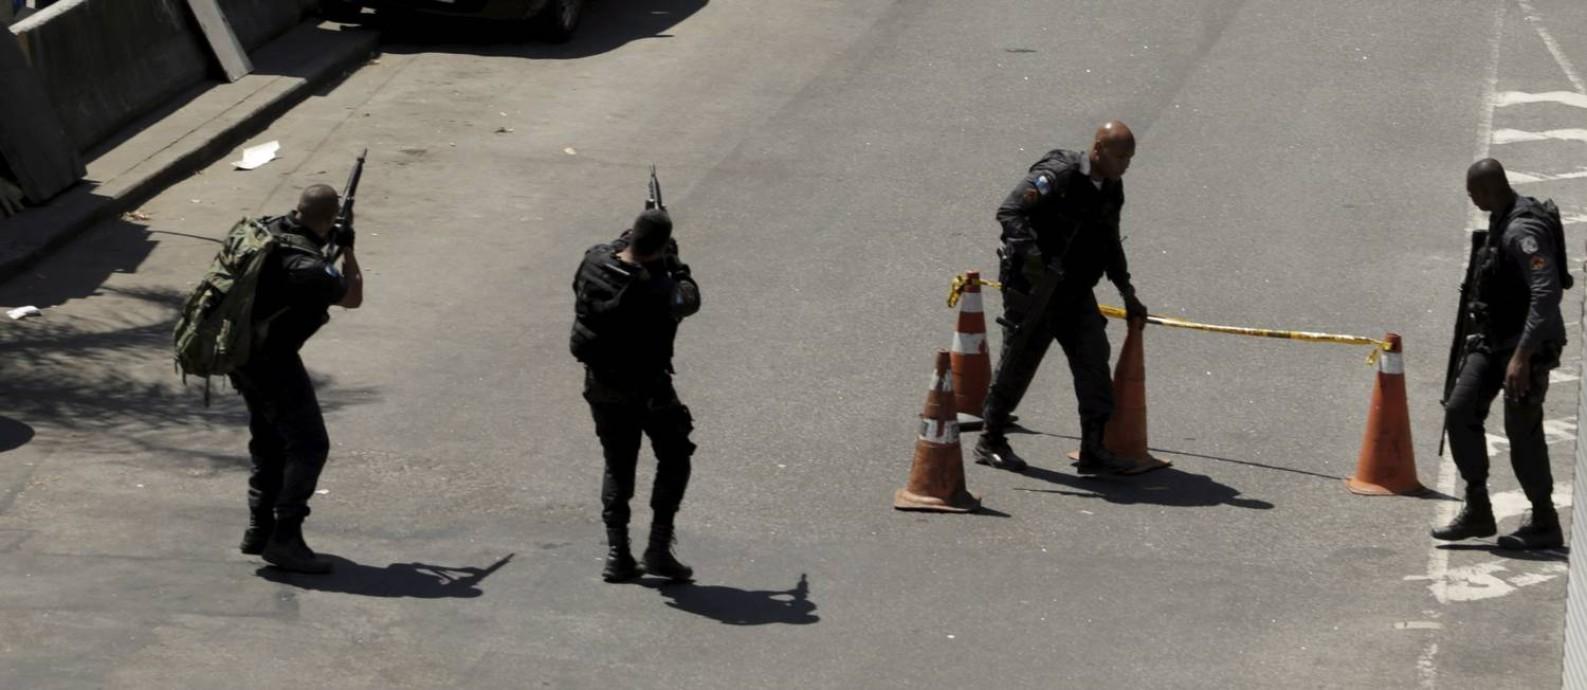 Policiais militares na Autoestrada Lagoa-Barra após tiros serem disparados por traficantes na Rocinha Foto: Gabriel Paiva / Agência O Globo